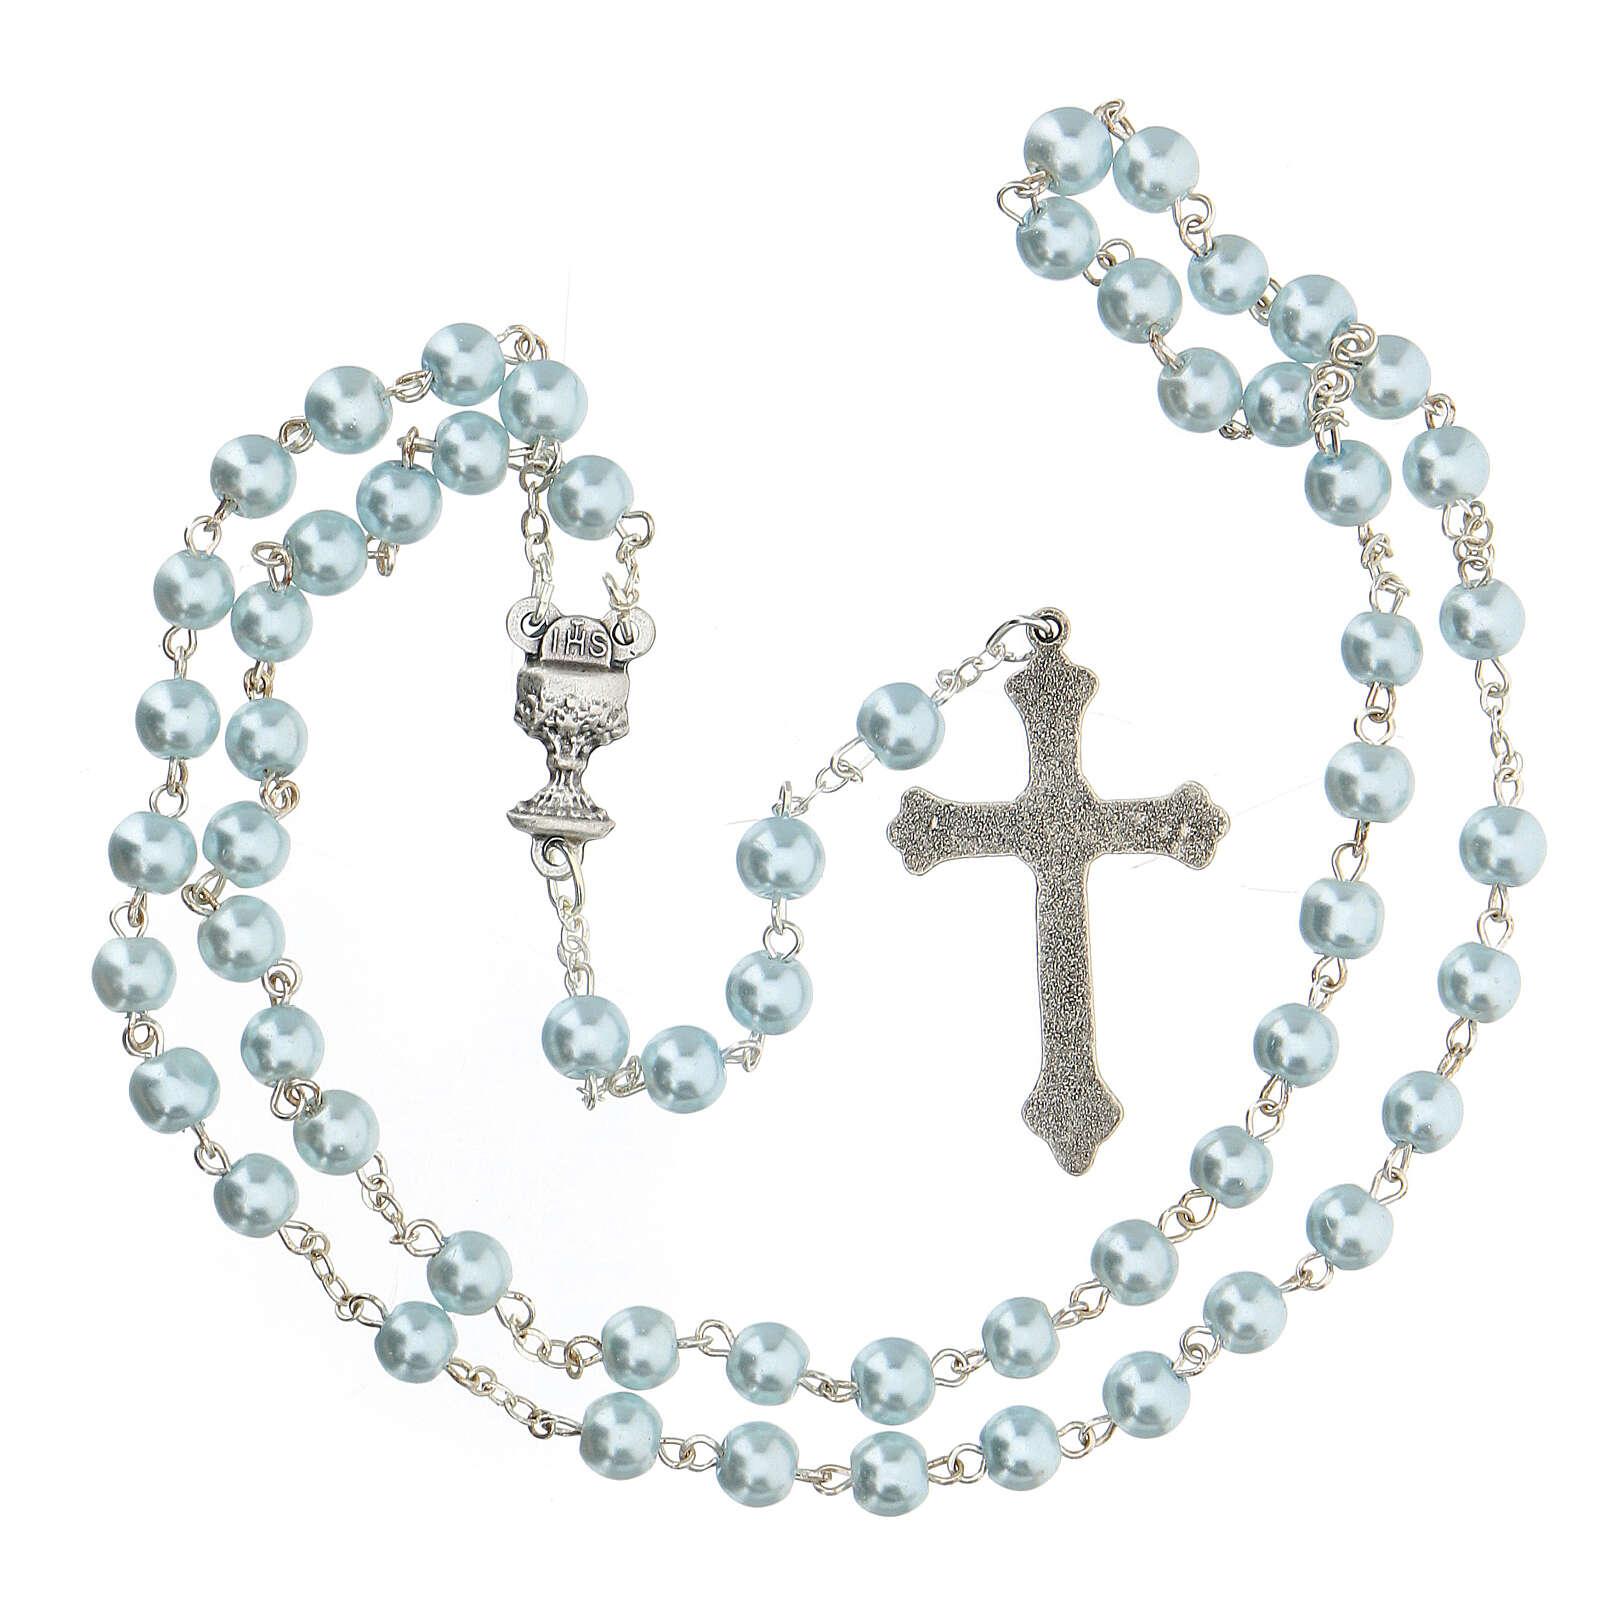 Ricordo Comunione croce e rosario azzurro spagnolo 3